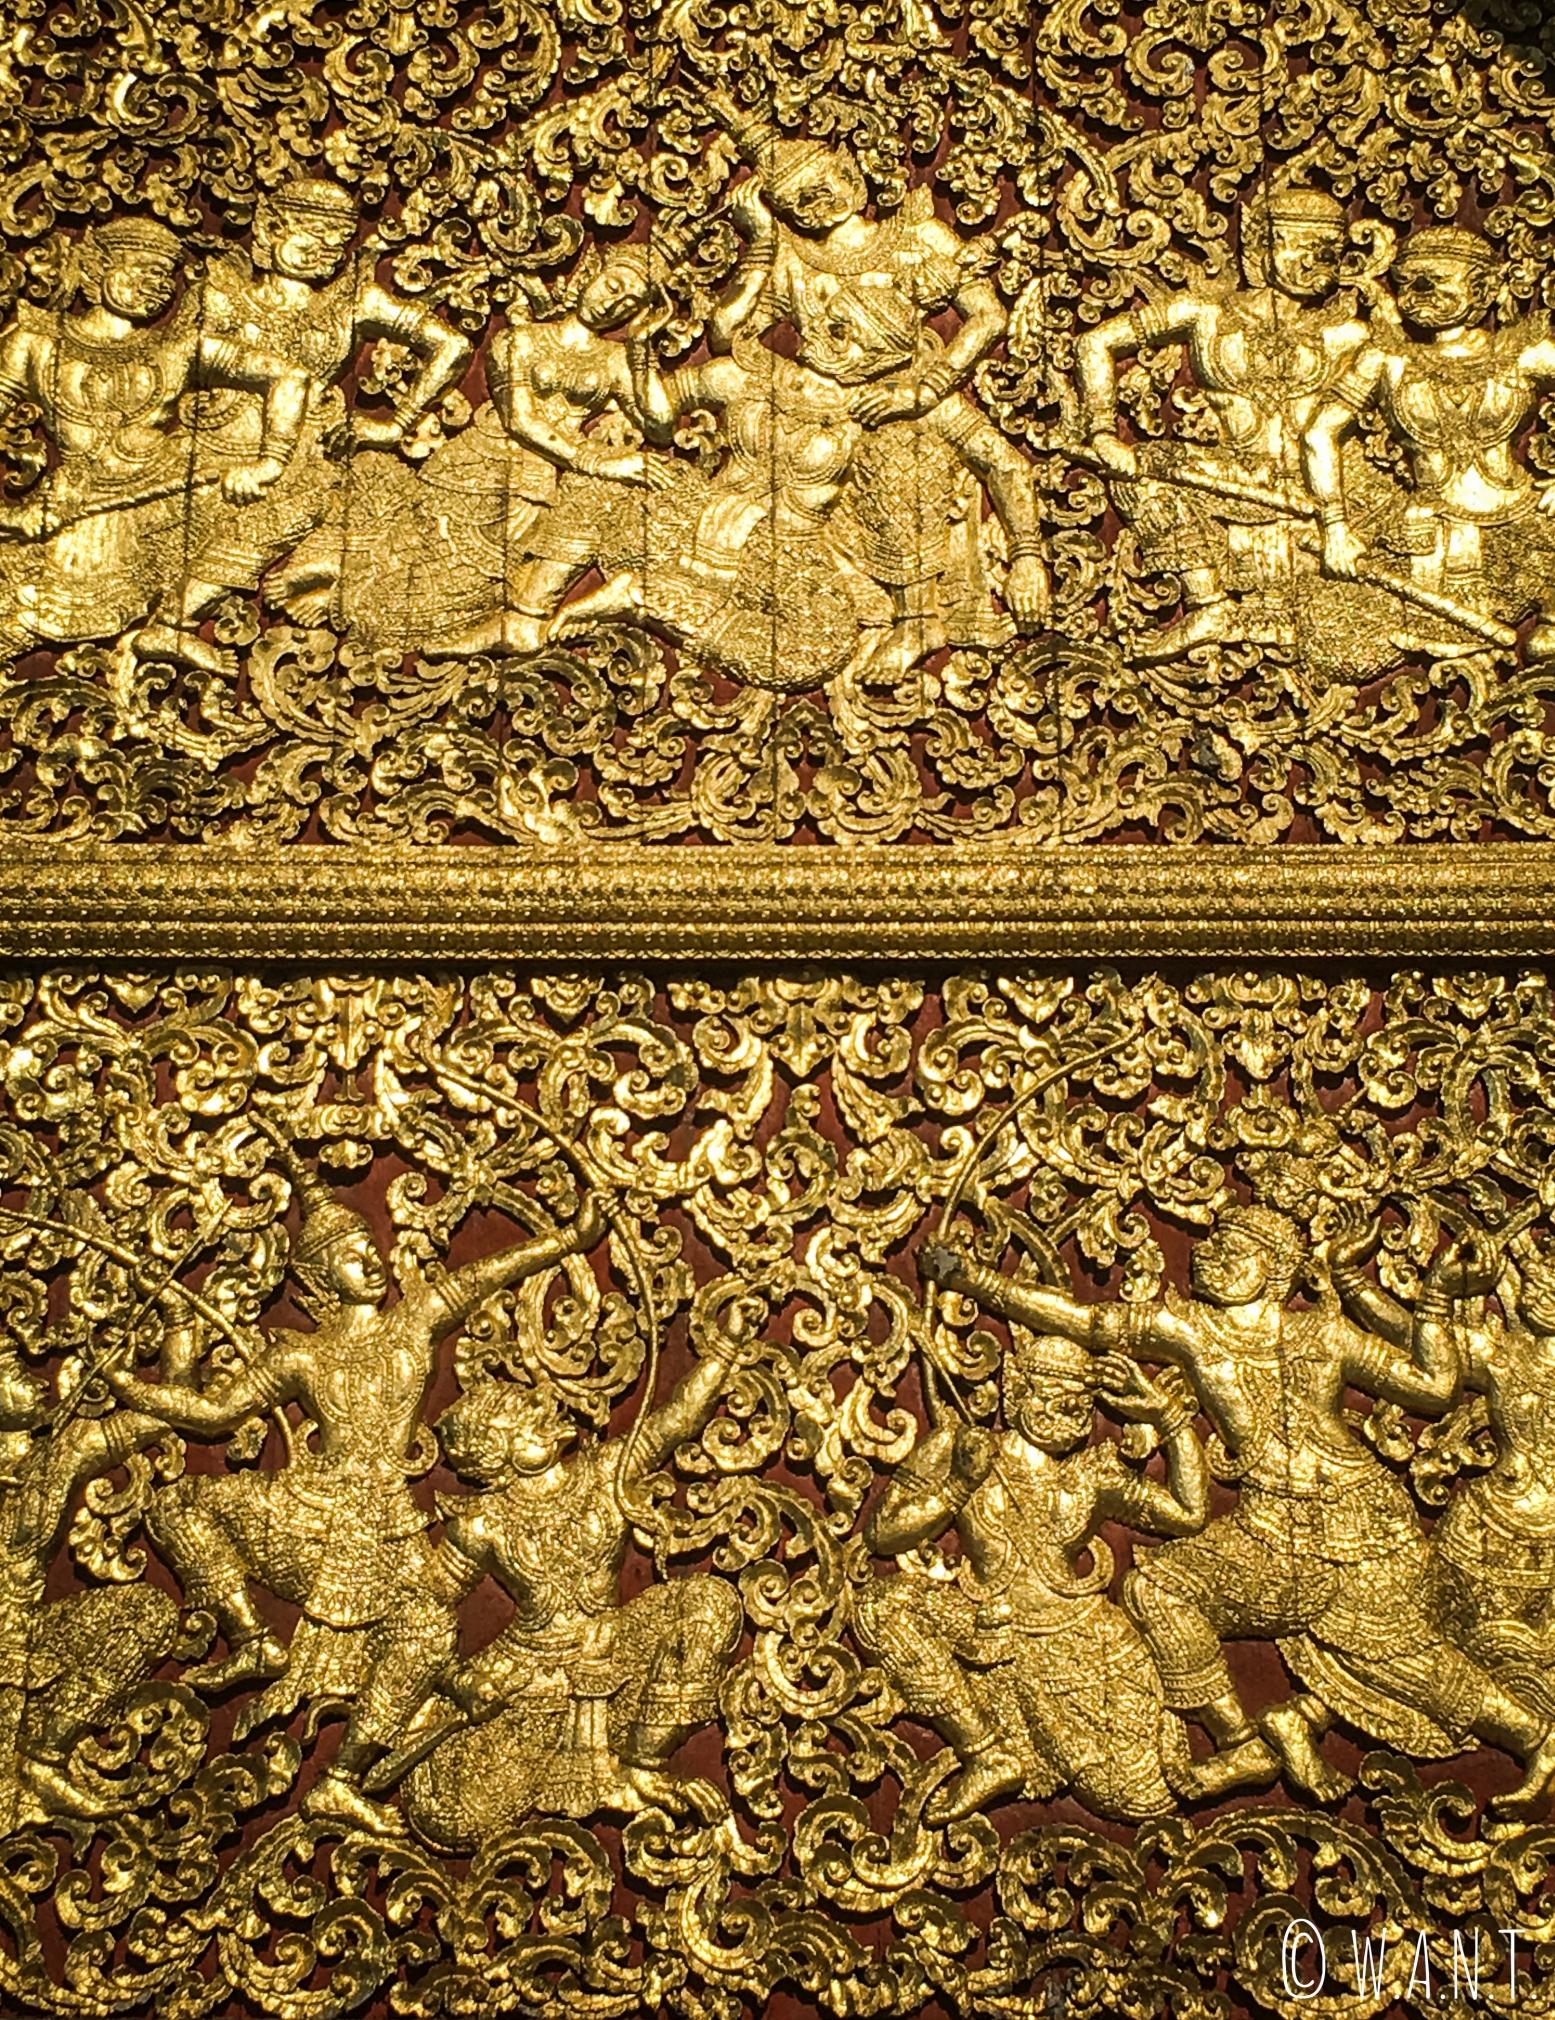 Ornements du Vat Xieng Thong de Luang Prabang